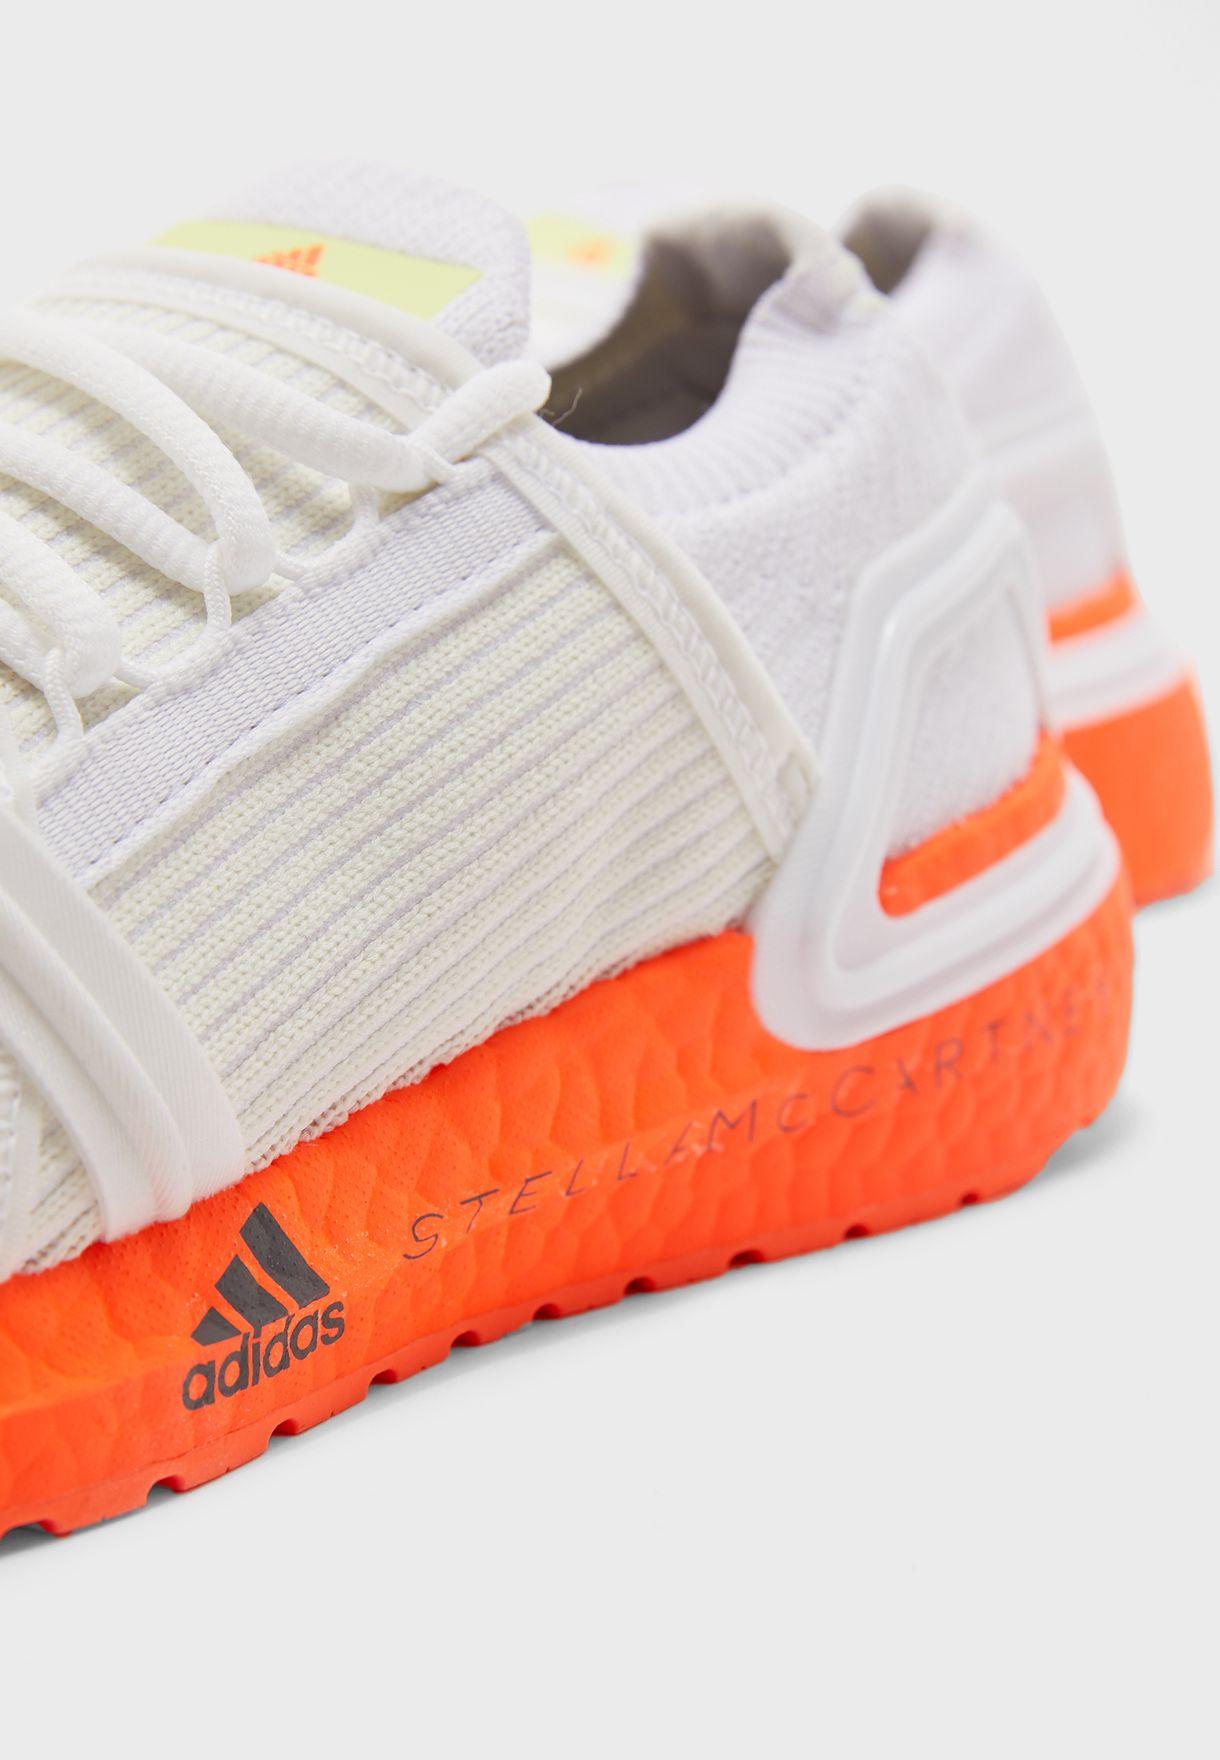 حذاء من مجموعة ستيلا مكارتني